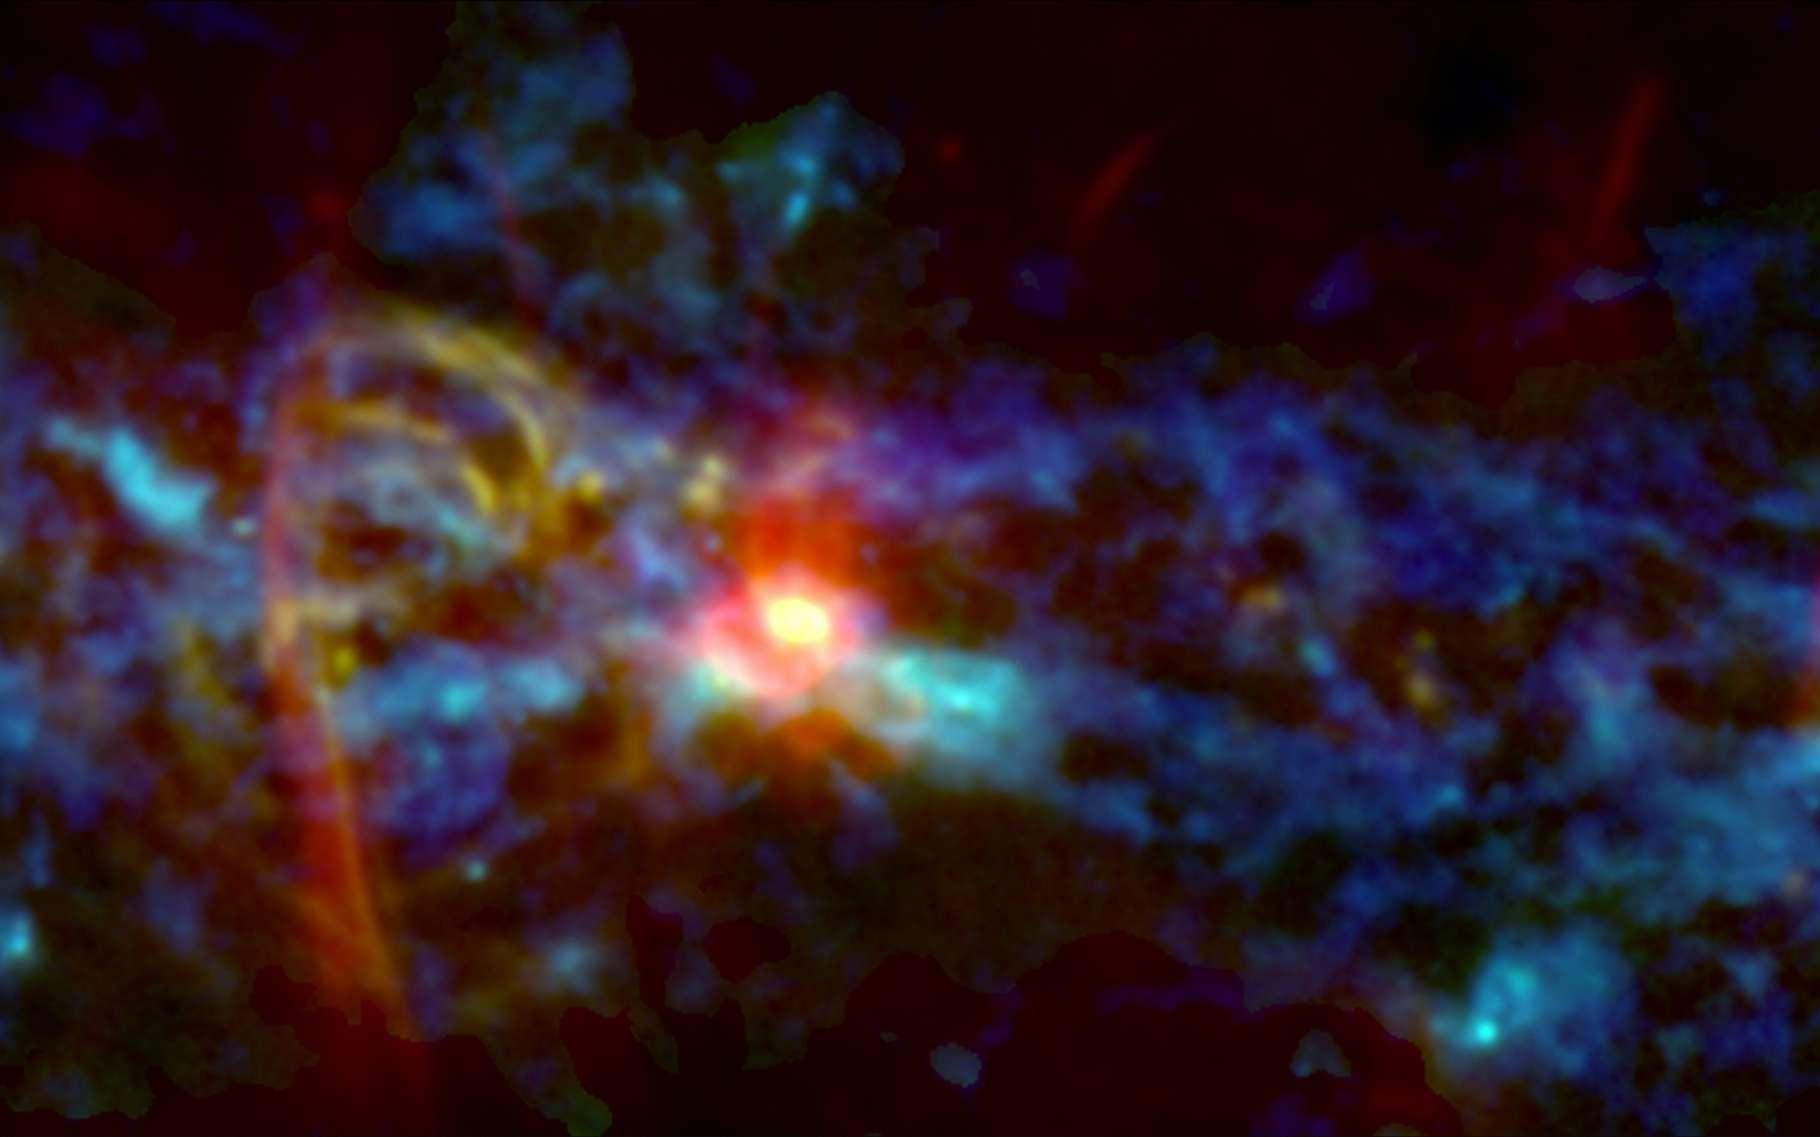 La zone centrale de notre galaxie abrite la plus grande et la plus dense collection de nuages moléculaires géants de la Voie lactée, matière première pour fabriquer des dizaines de millions d'étoiles. Cette image combine des observations d'archivage infrarouge (bleu), radio (rouge) et de nouvelles observations micro-ondes (vert) de l'instrument Gismo. Elle révèle, entre autres, des filaments de gaz ionisés faisant penser à un sucre d'orge et formés aux bords d'une bulle soufflée par un évènement puissant au centre de la galaxie. © Nasa's Goddard Space Flight Center